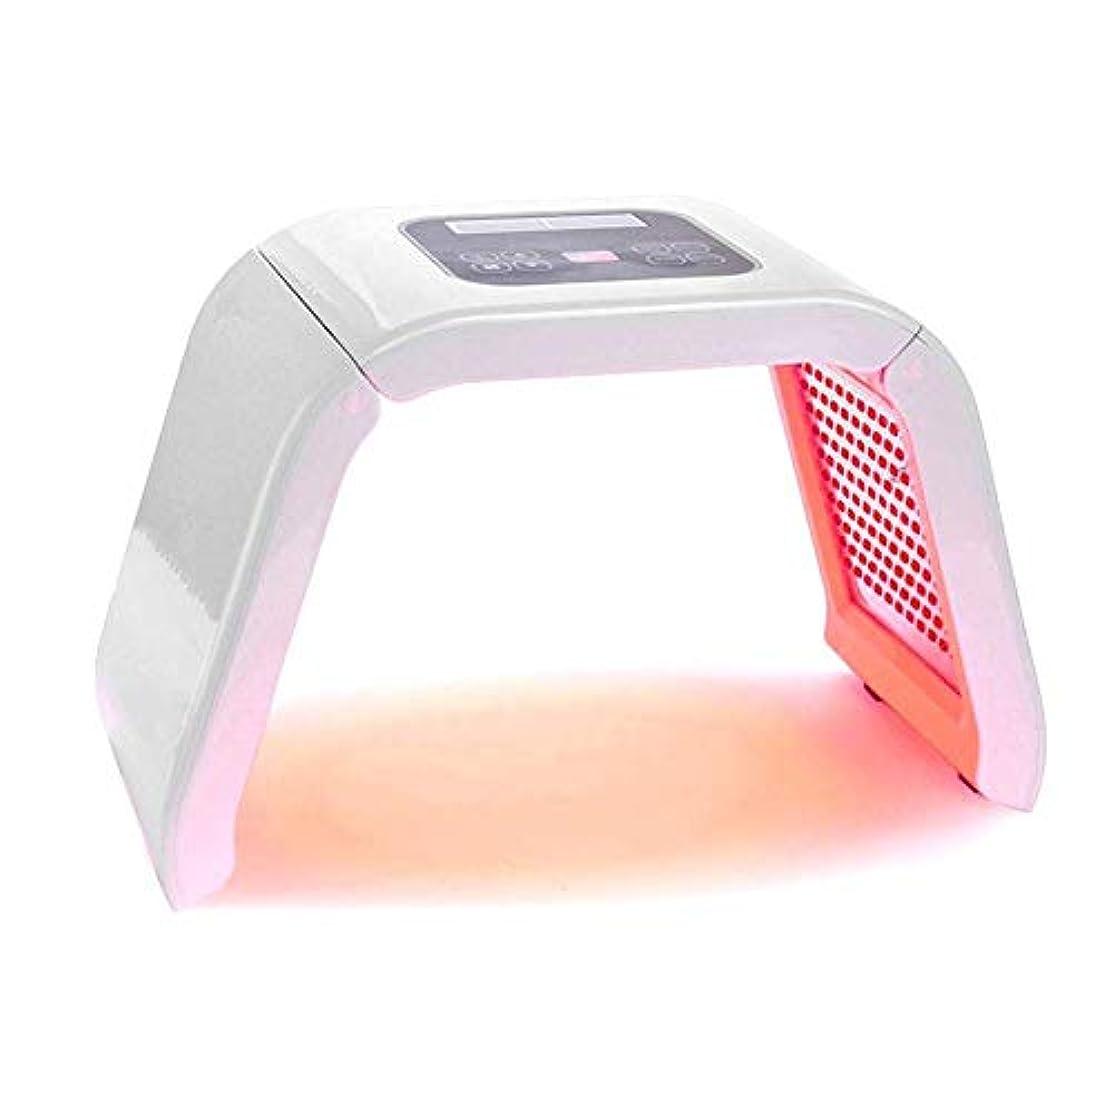 サークルぶら下がる資格美容機器は、7色はライト肌の若返り機器、マスクリムーバーアンチリンクルアンチエイジングを締めフェイスネックボディ-SalonスパマシンのスキンアンチエイジングスキンケアツールをLED